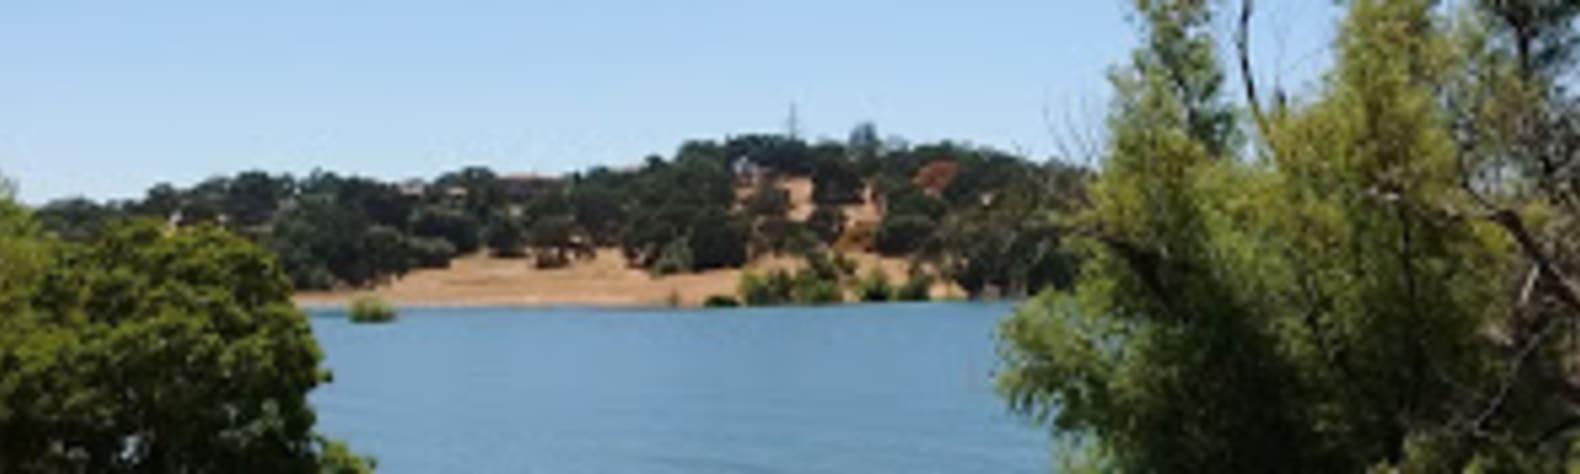 Barbara D.'s Land